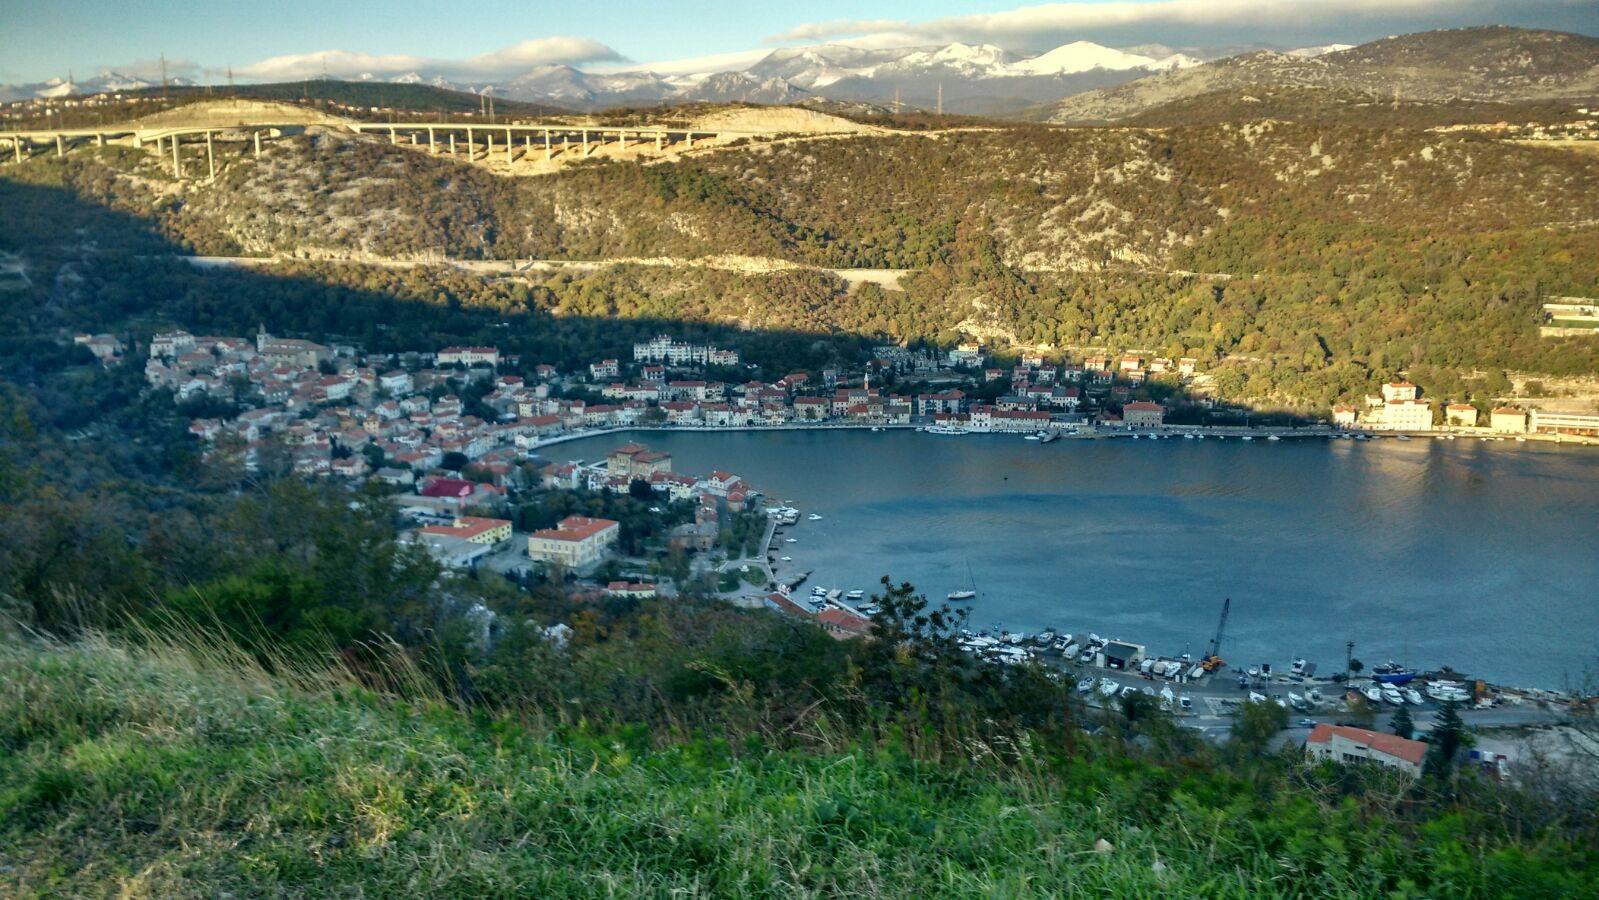 perle por el mundo6 - Elías Escribano llega al mar Adriático. Etapas 76-82 de Perlé por el Mundo